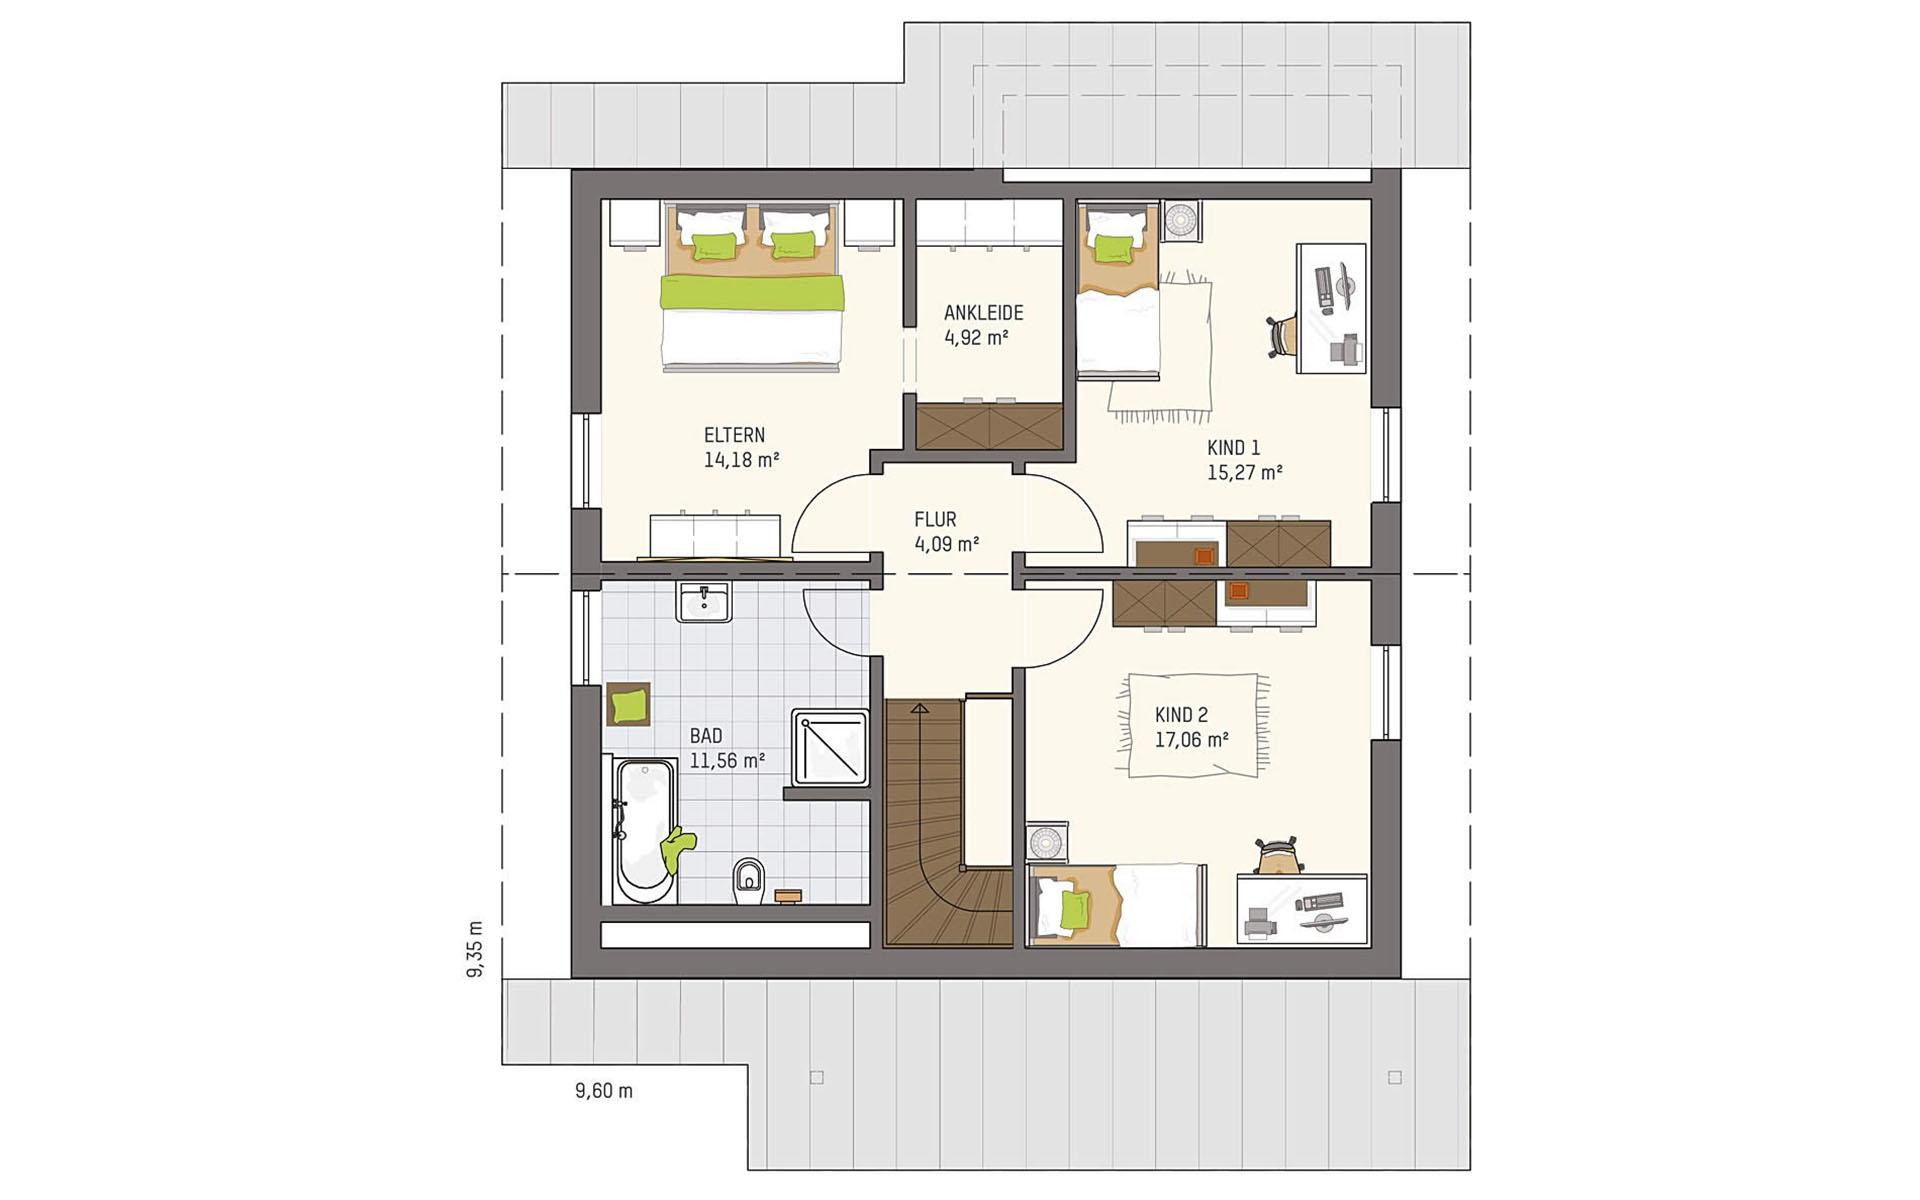 Dachgeschoss VIO 221 S130 SE von FingerHaus GmbH